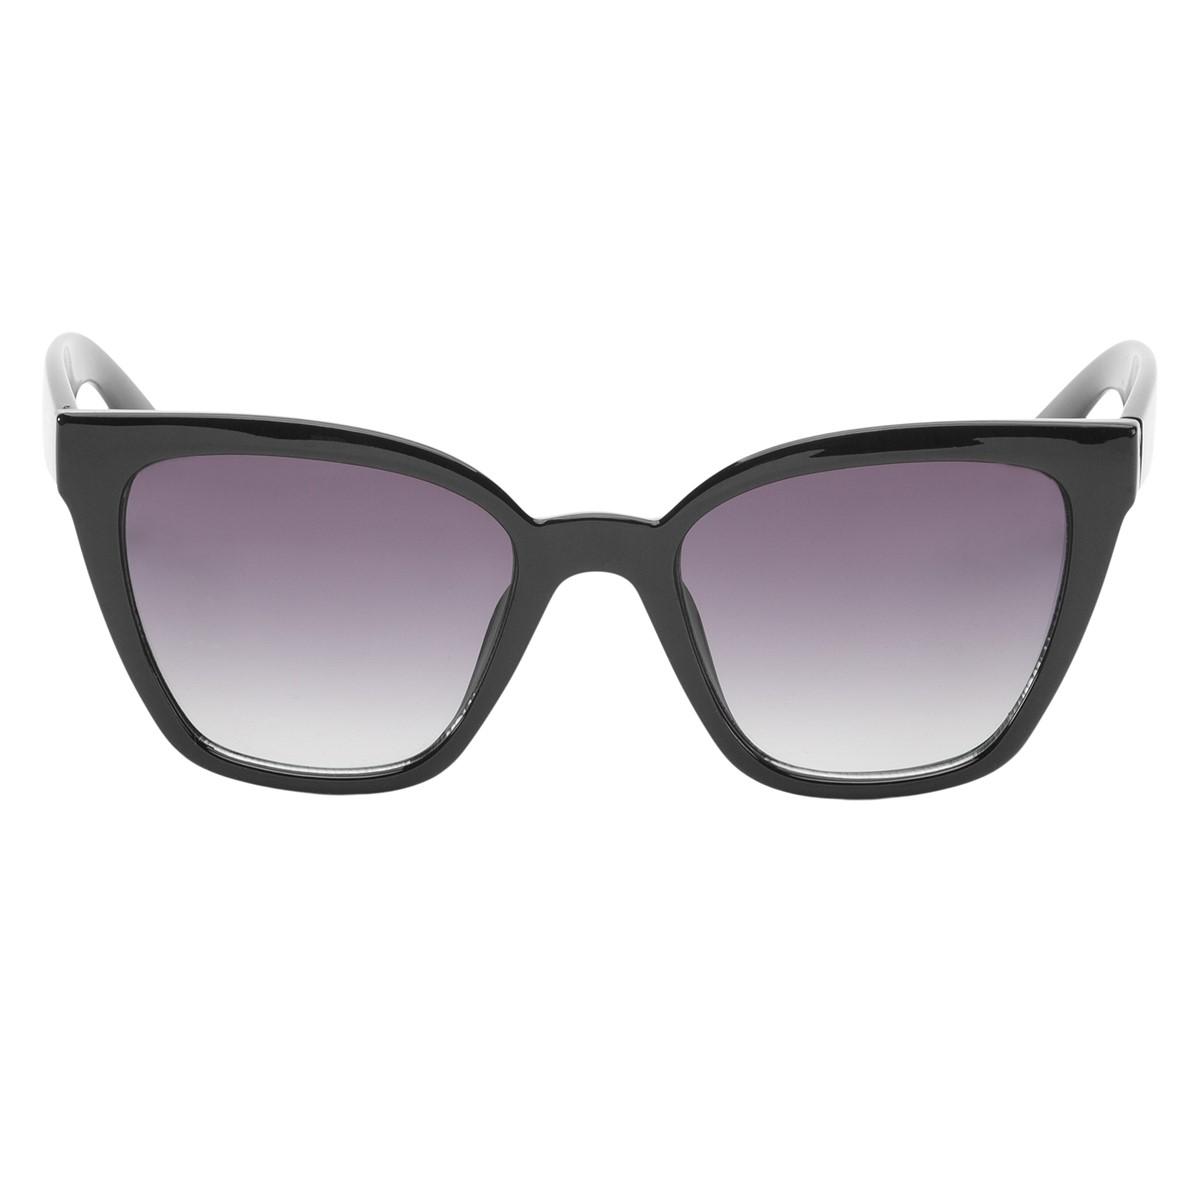 Hip Cat Sunglasses in Black